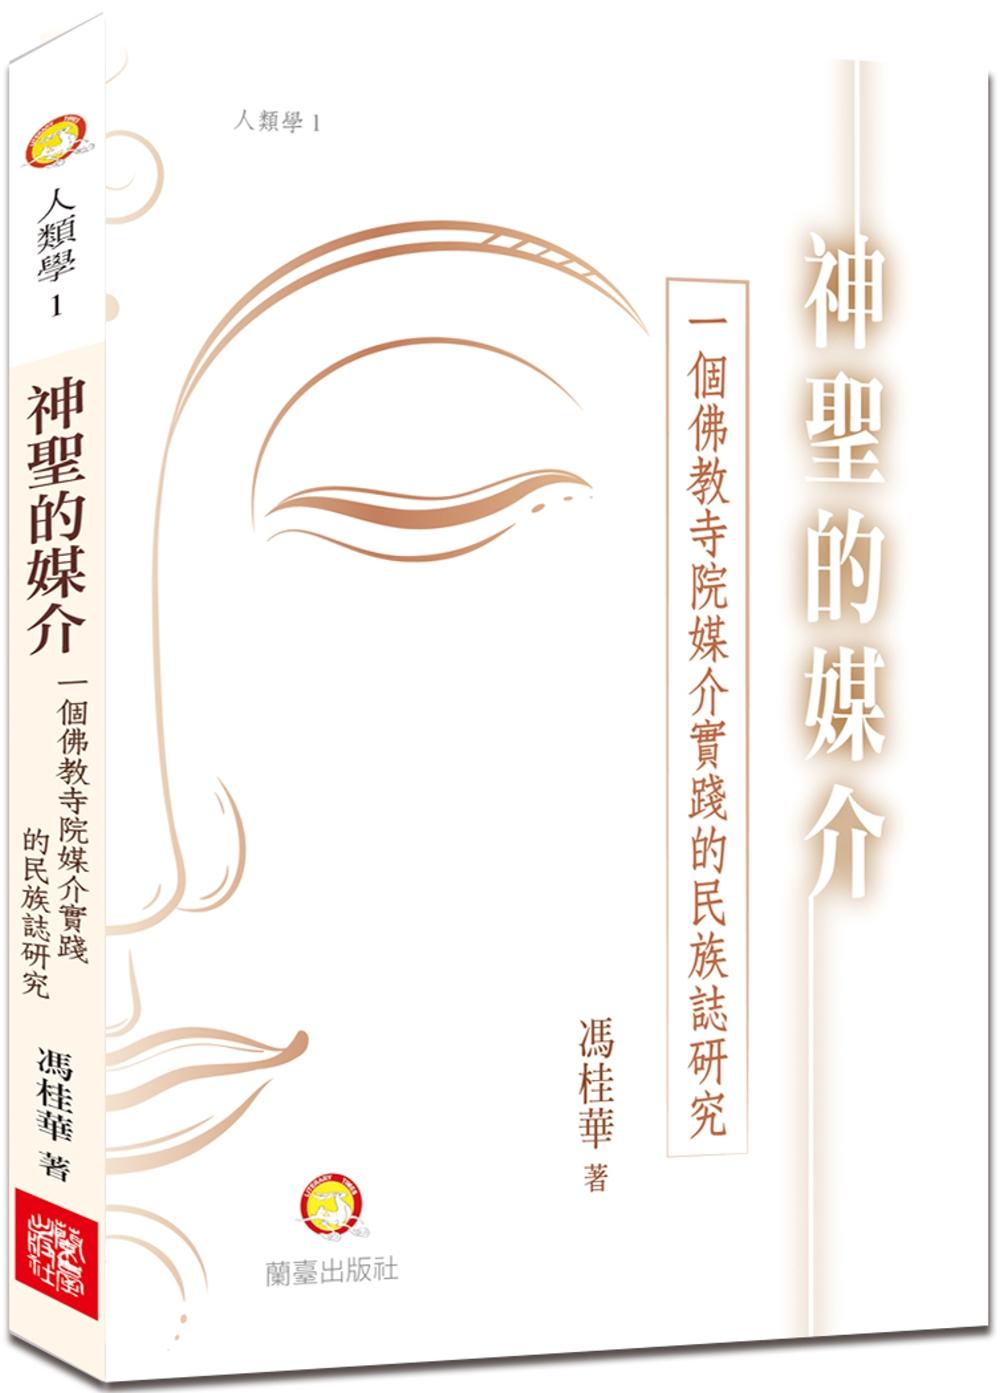 神聖的媒介-:一個佛教寺院媒介...